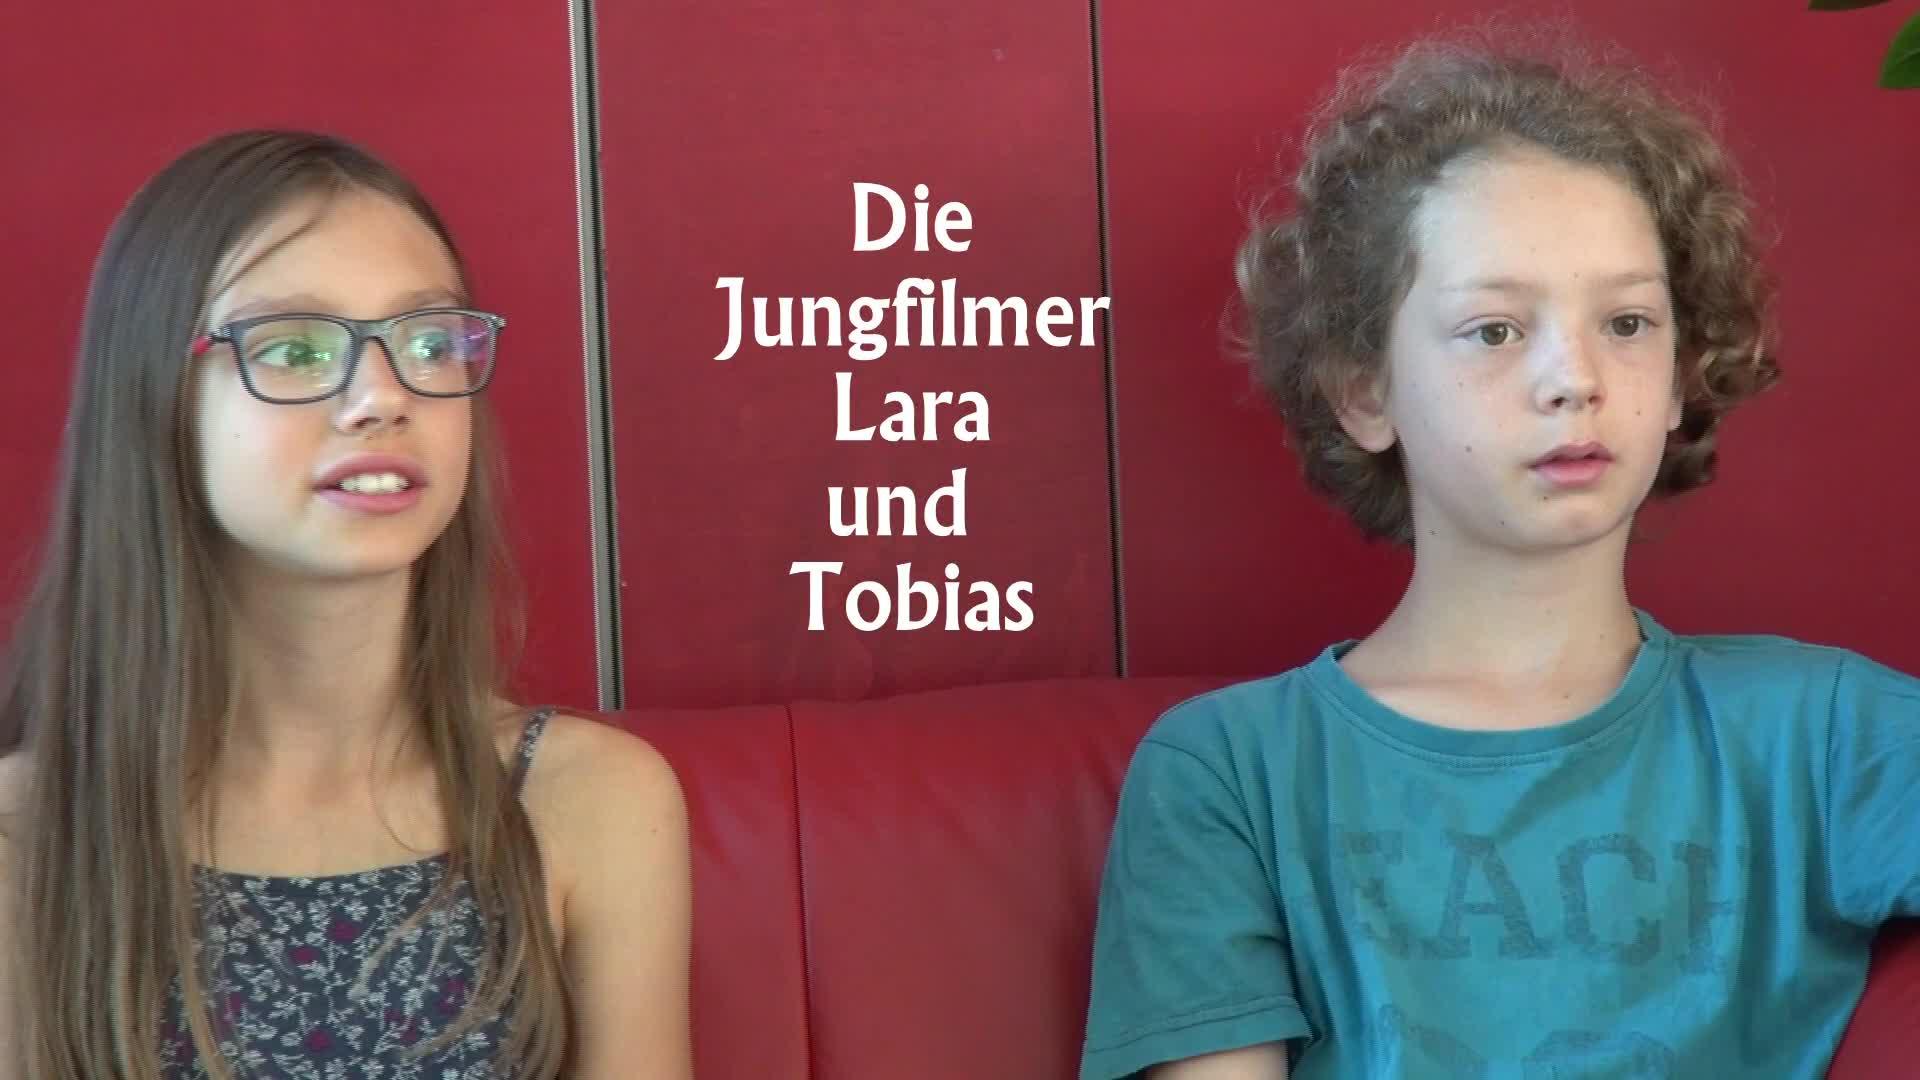 Jungfilmer Lara und Tobias